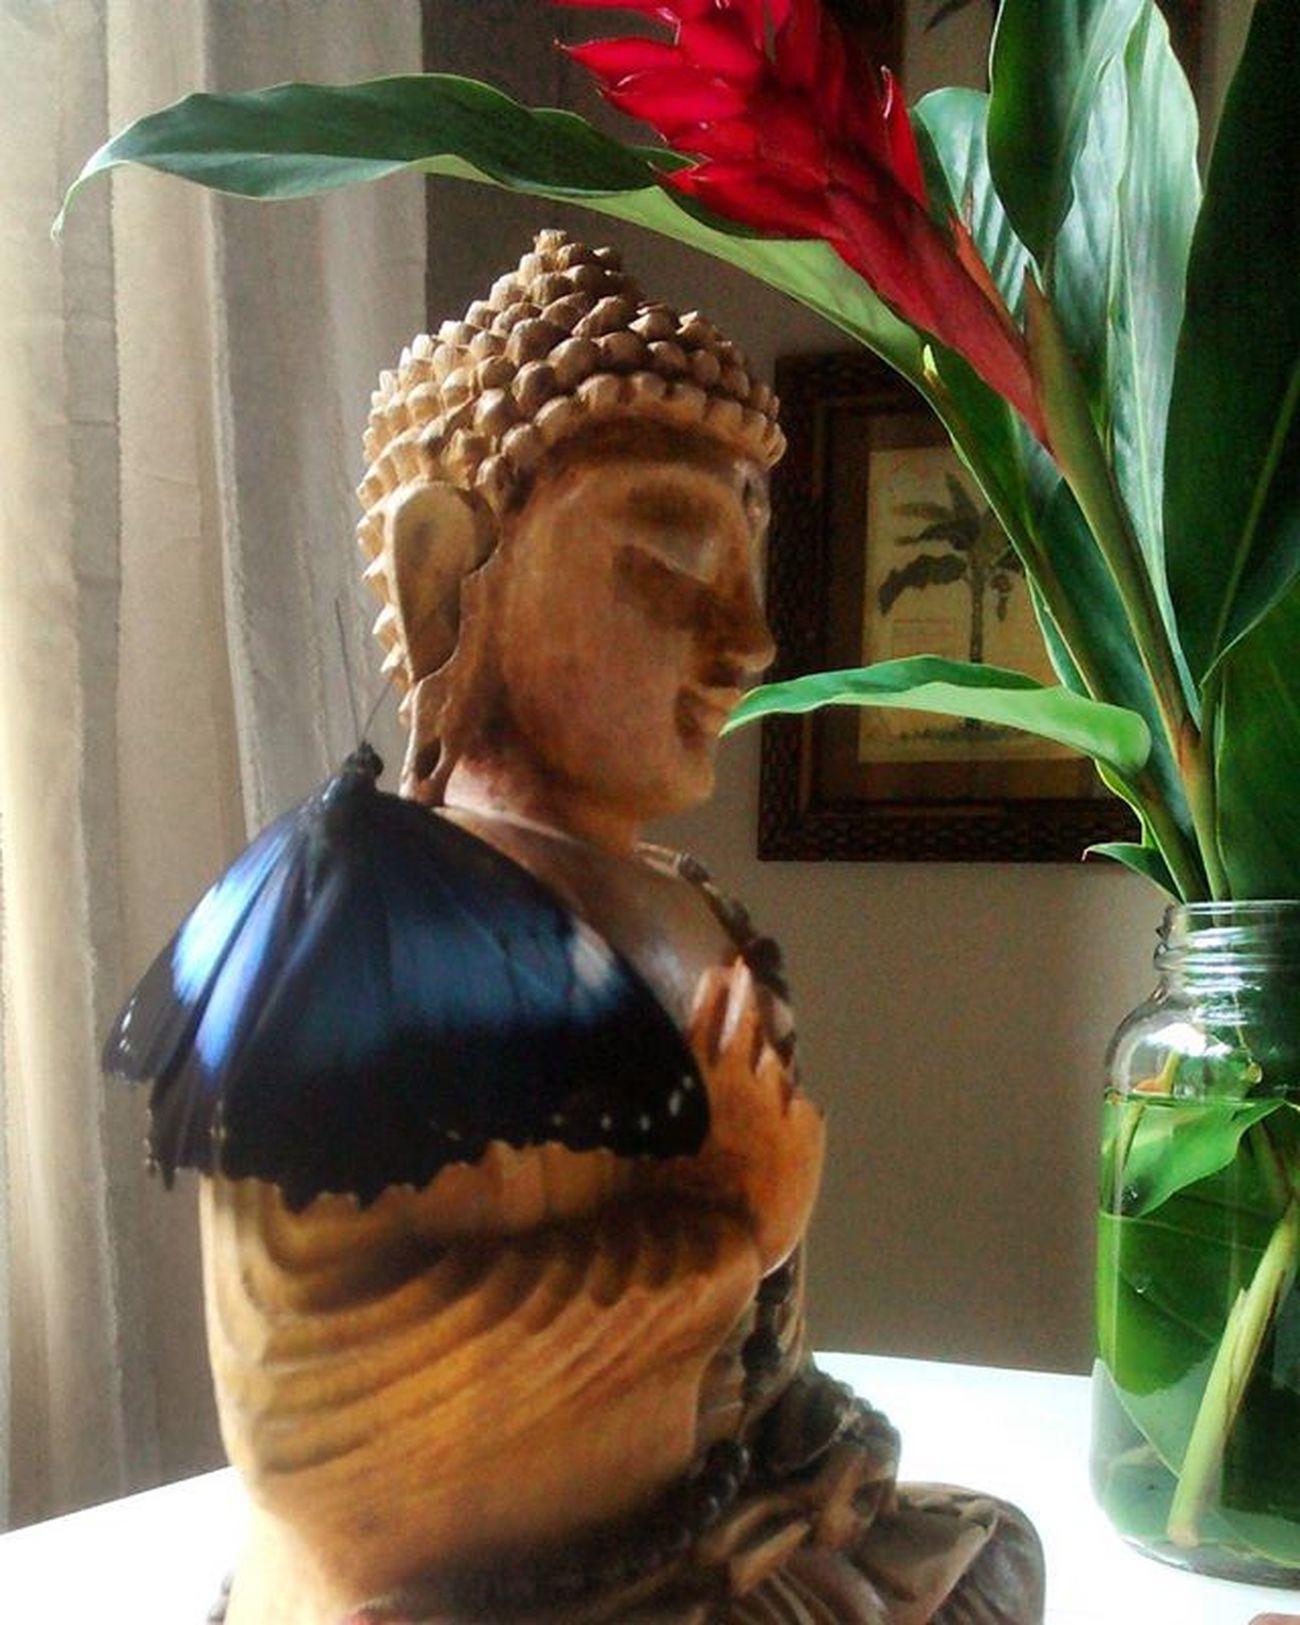 Buda recebeu visita especial hoje em casa. Momentos de reflexão!!! 🙇✌🌱☆♡ Surpresadodia Aconteceuhojeisso